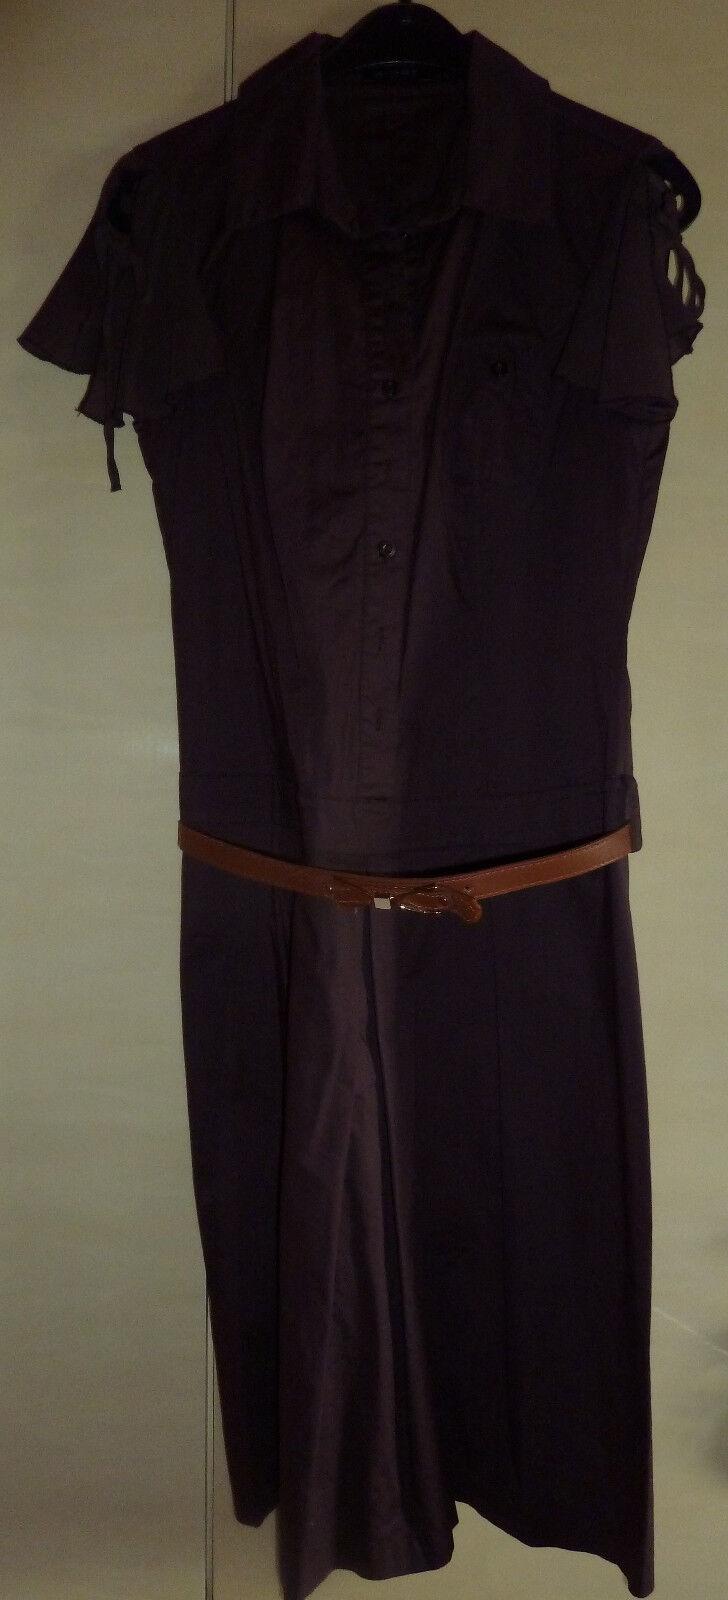 APART - Sommerkleid, Etuikleid, elegant, mit Gürtel, braun, Größe 38 40 -wie NEU